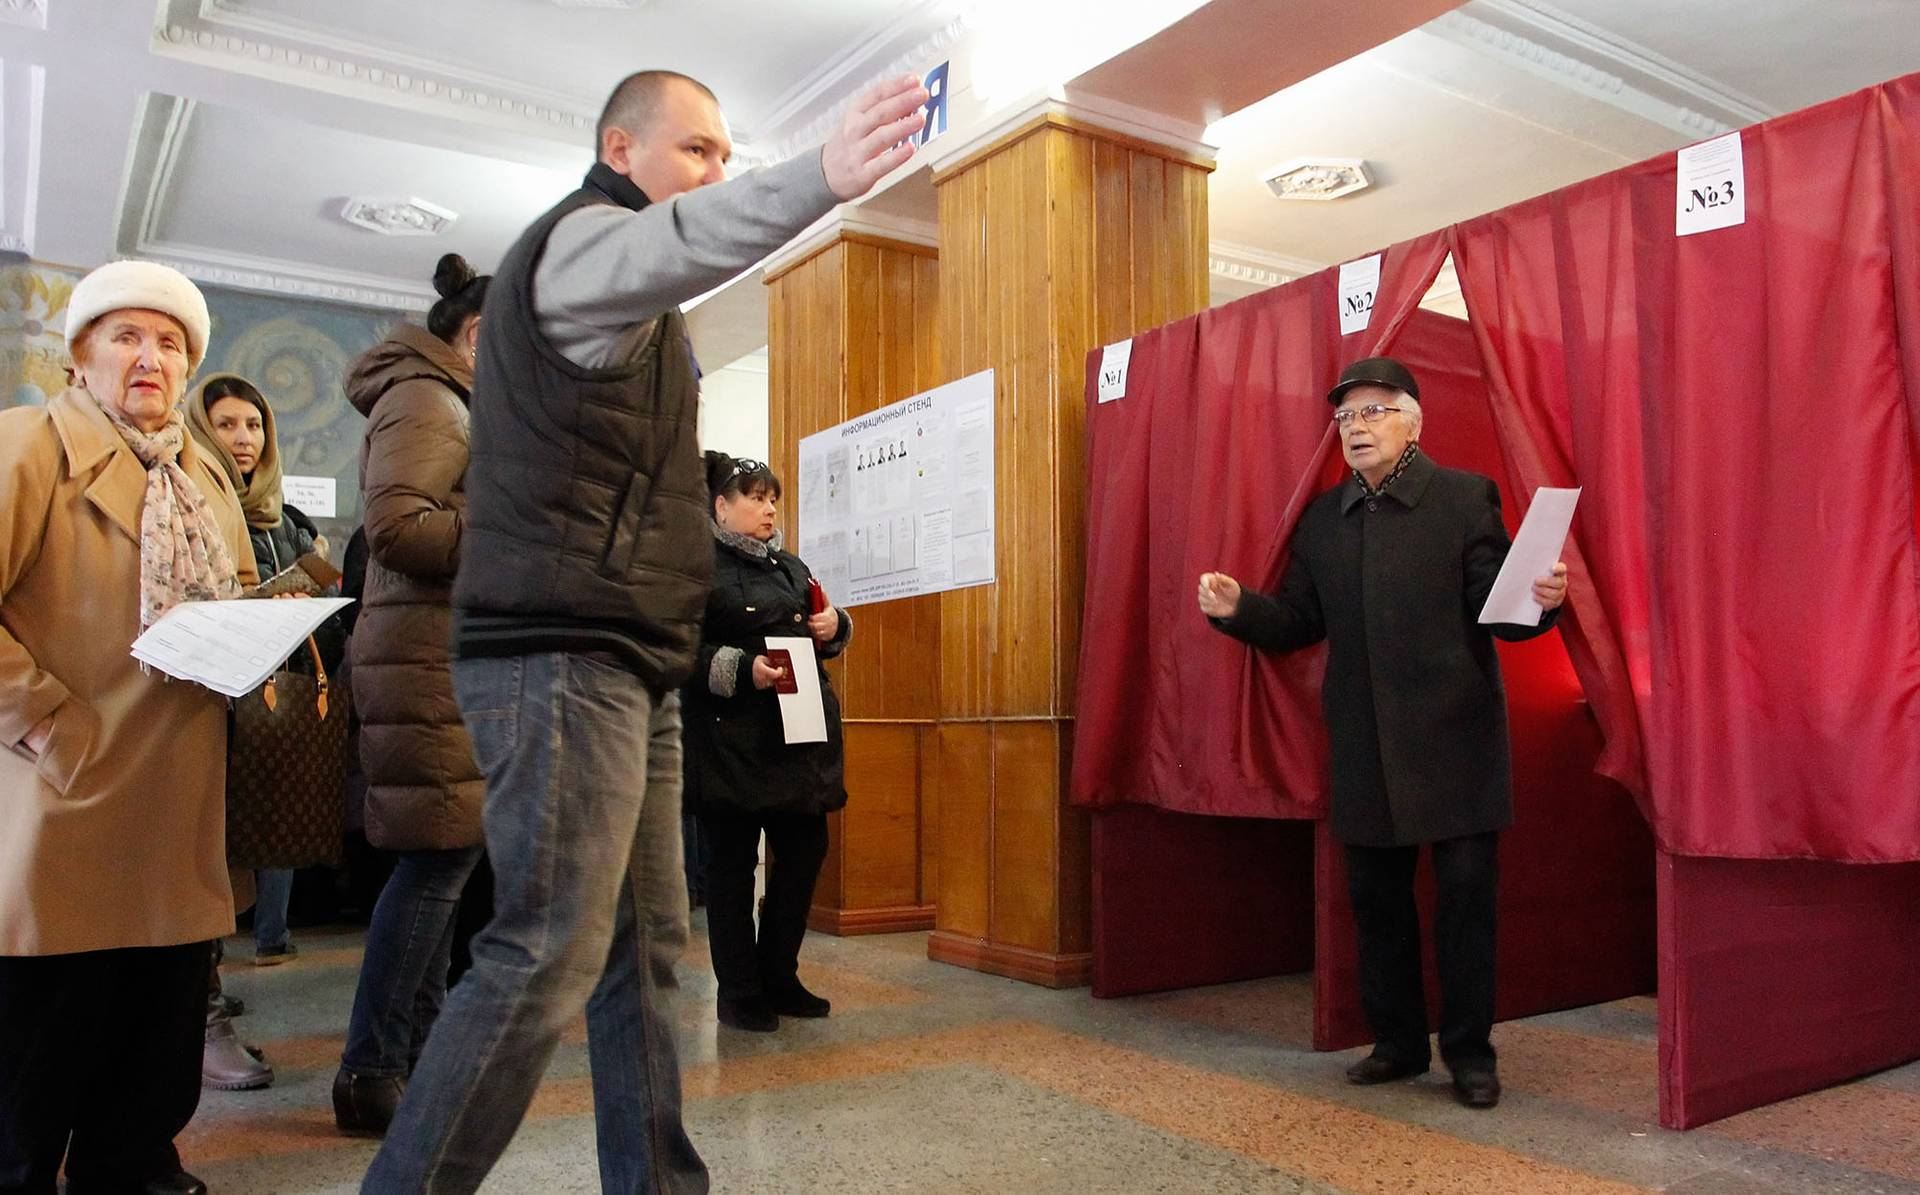 Місцеві жителі «голосують» на виборчій дільниці в окупованому Донецьку під час «виборів» ватажків самоназваних республік, 11 листопада 2018 року